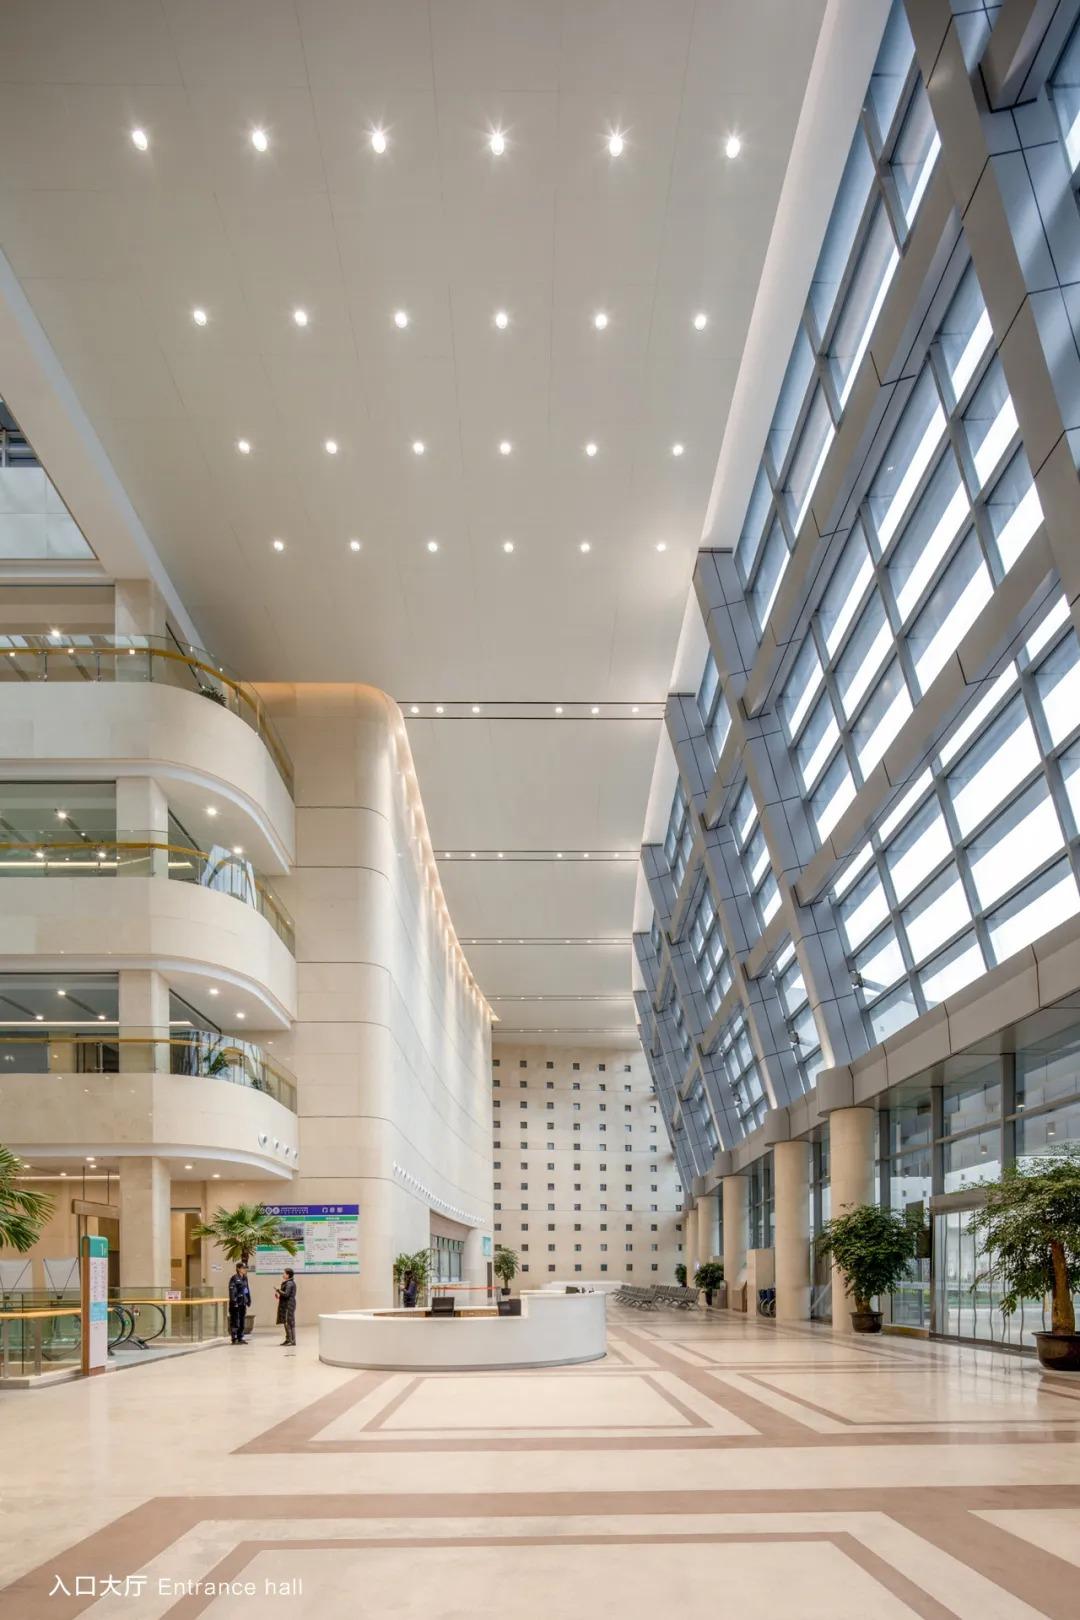 宁波市杭州湾医院 建筑设计 / 深总院孟建民工作室